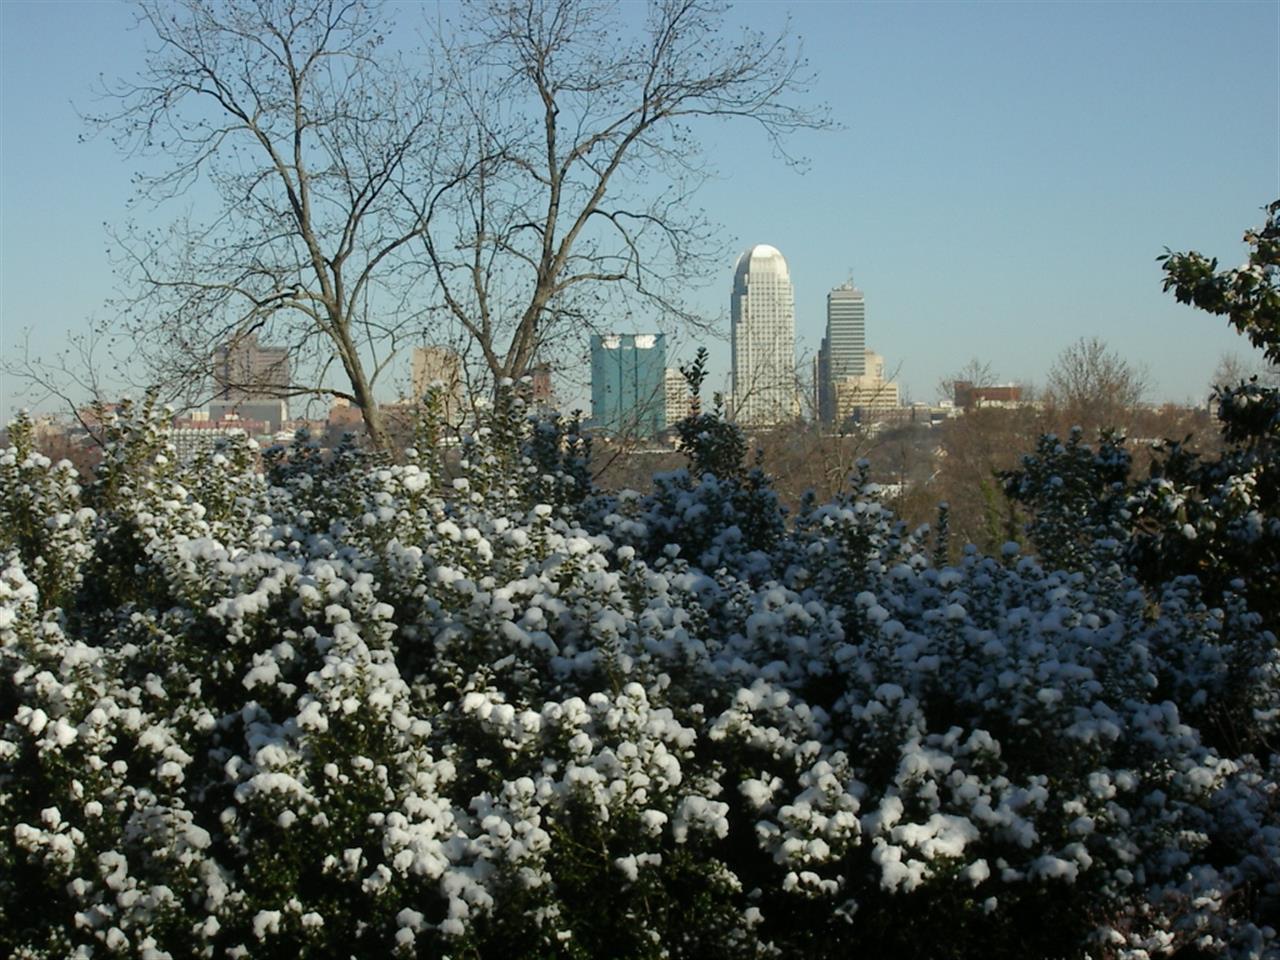 Winter snow, Winston-Salem, NC